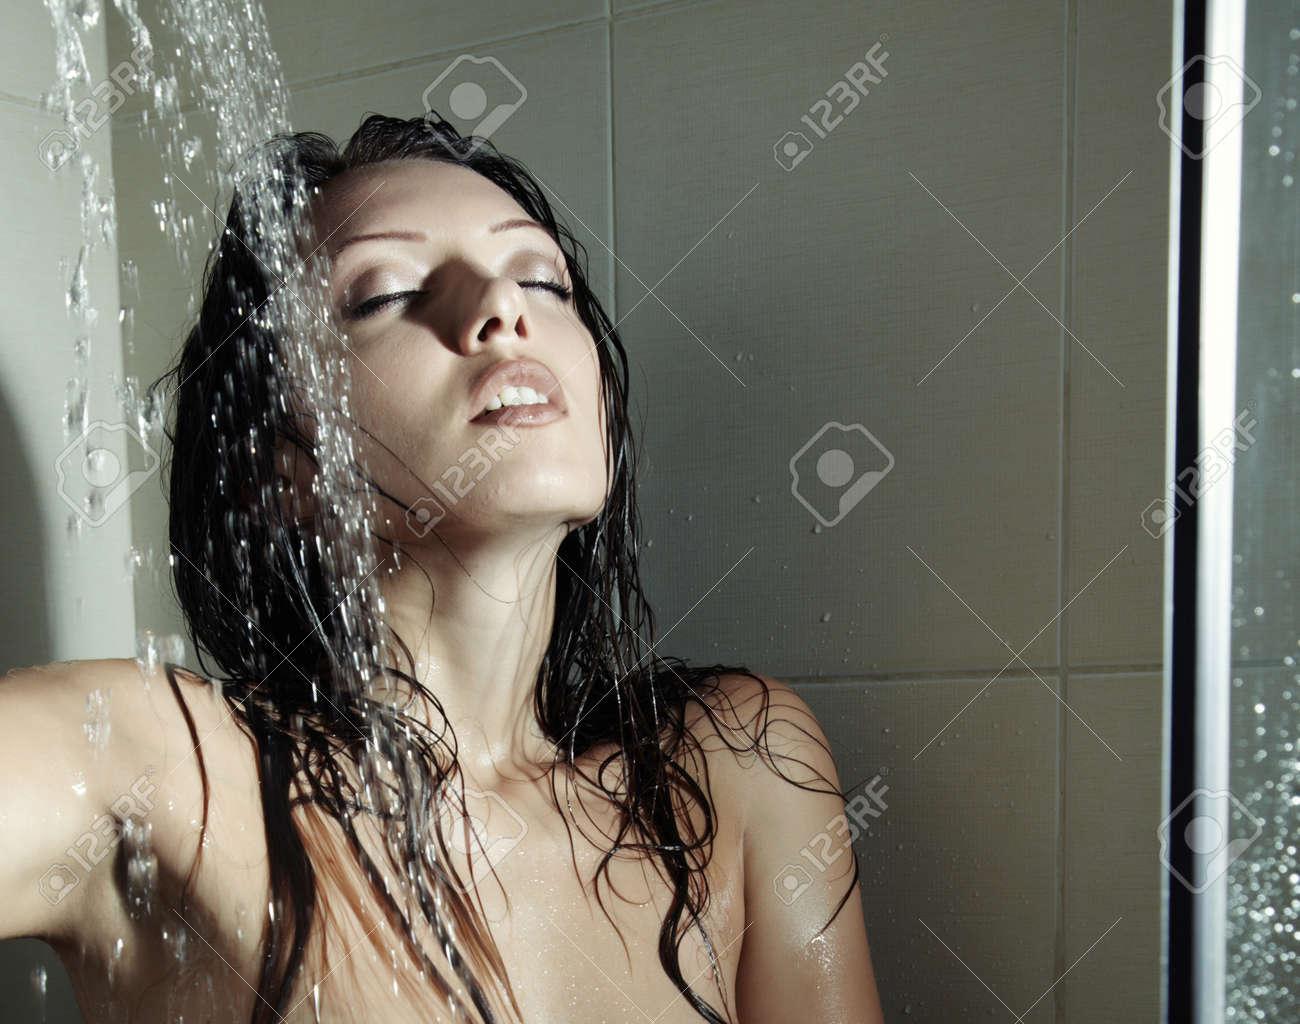 Сэкс в душе, Порно в душе и с душой онлайн бесплатно на 24 видео 37 фотография